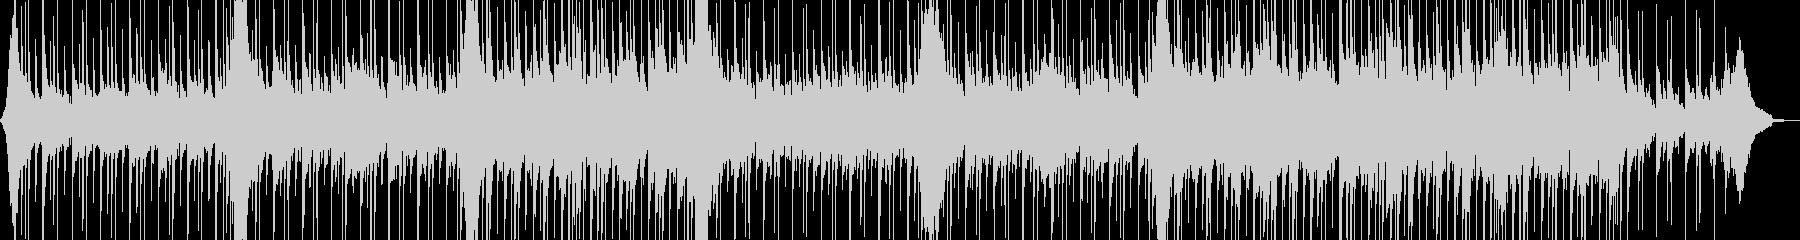 爽快リズミカルなアコギ・ピアノポップスの未再生の波形